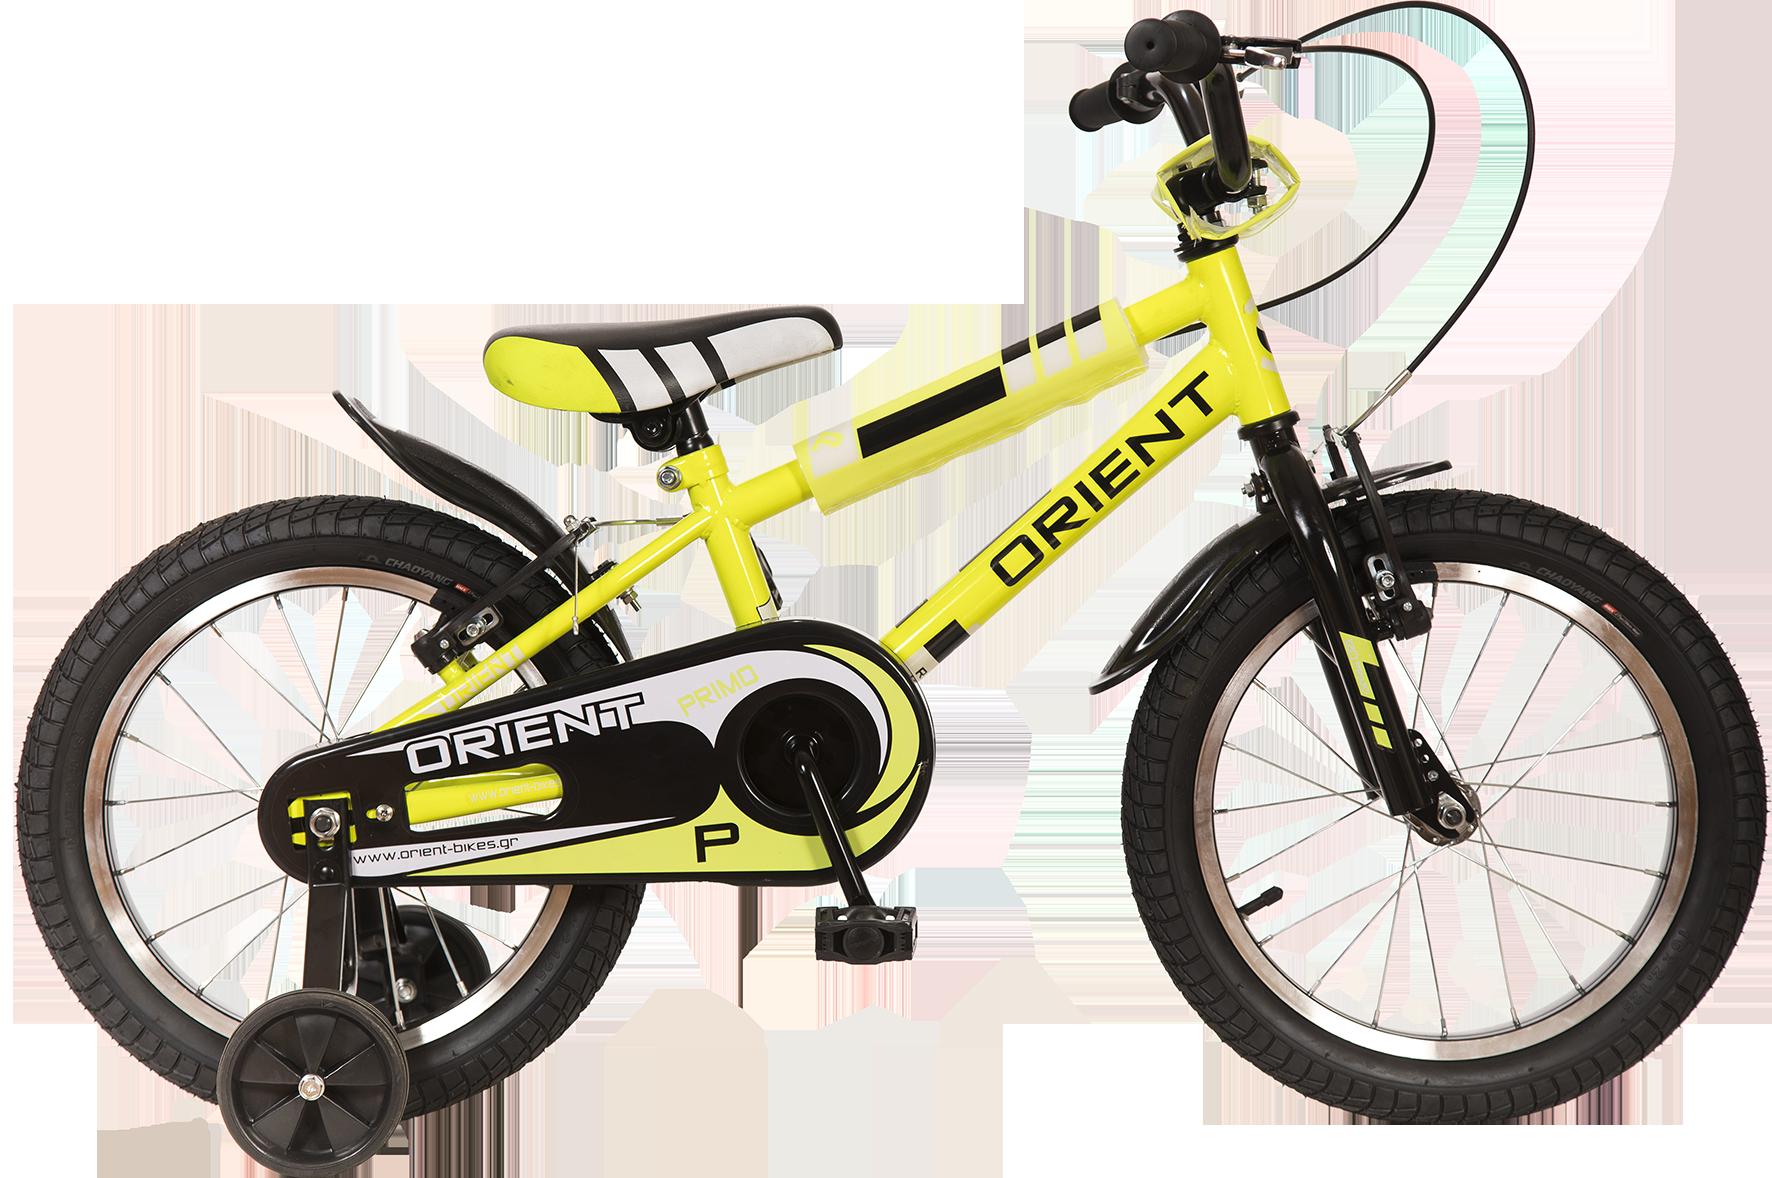 PRIMO 16″ bike image